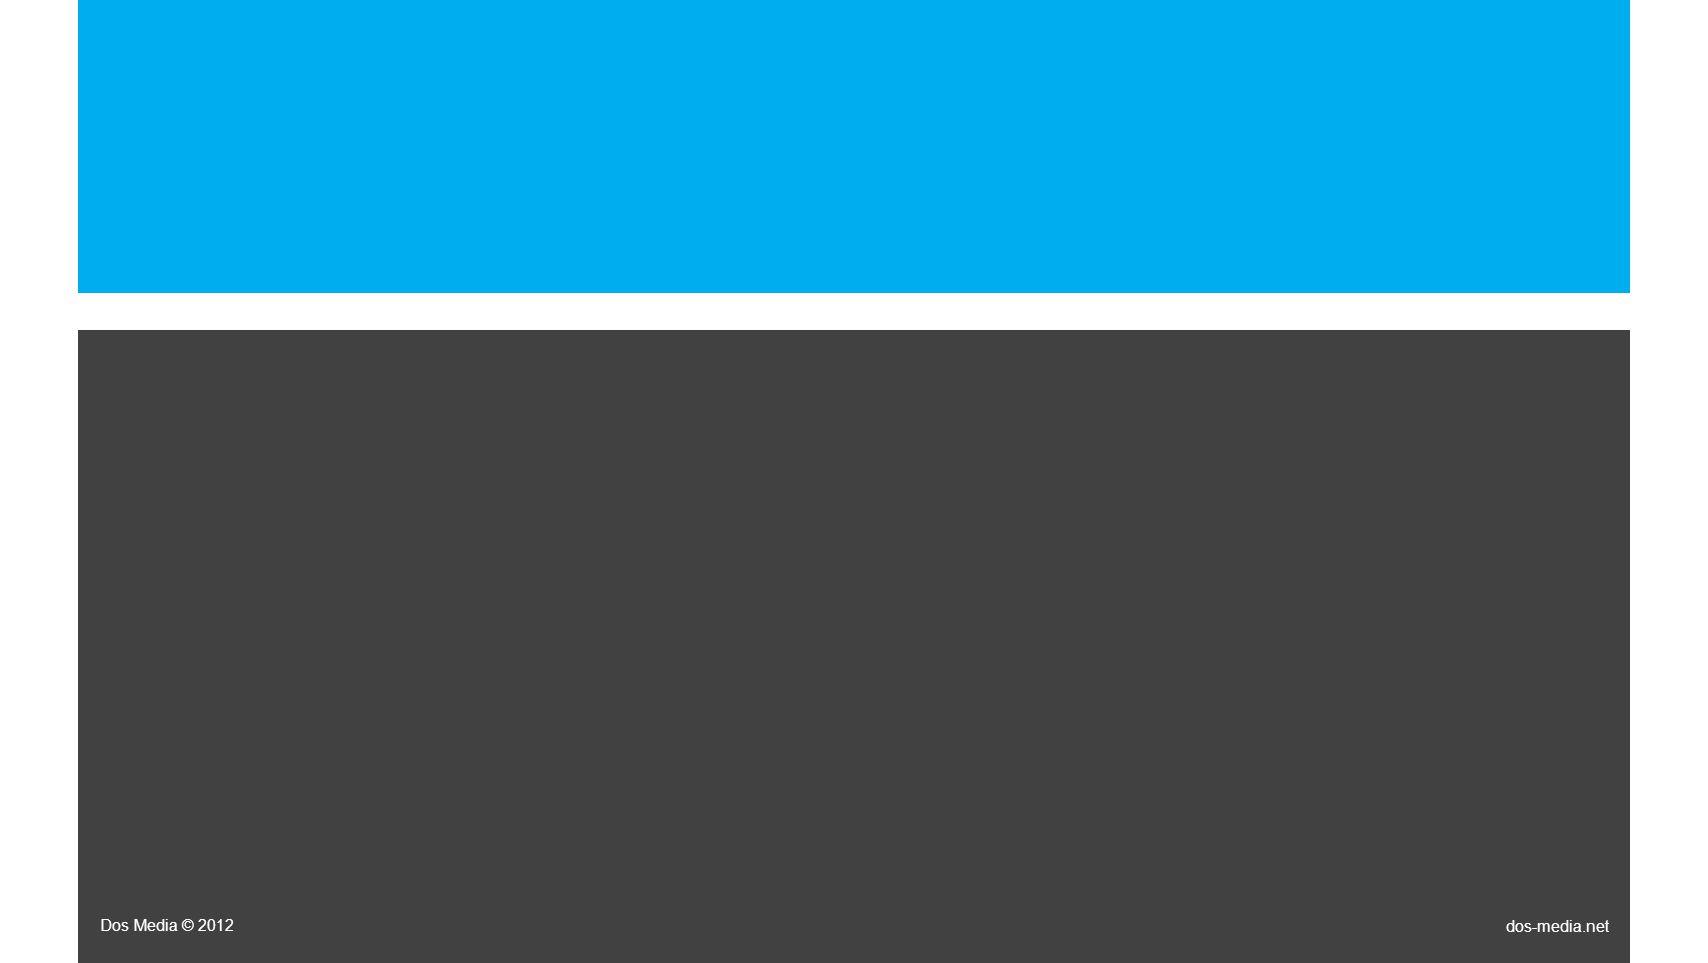 Dos Media AGENDA Presentazione della start up Profilo & Posizionamento Ambiti & Competenze Riconoscimenti Presentazione la nostra soluzione FindPlace Applicazioni FindPlace SDK Cicerone Travel Assistant Mercato di riferimento Mercato B2B Mercato B2C Modello di business Modello B2B Modello B2C Descrizione del team Exit Strategy Stato avanzamento